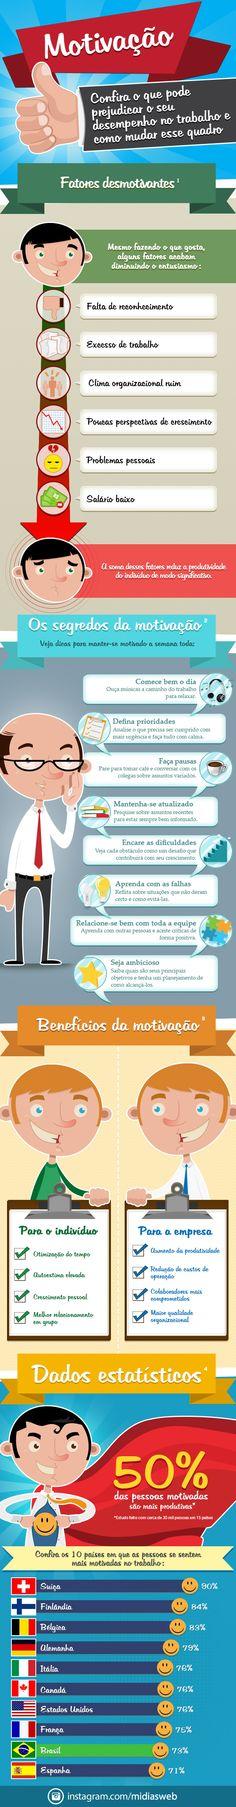 Confira o infográfico: Os benefícios da motivação no trabalho.